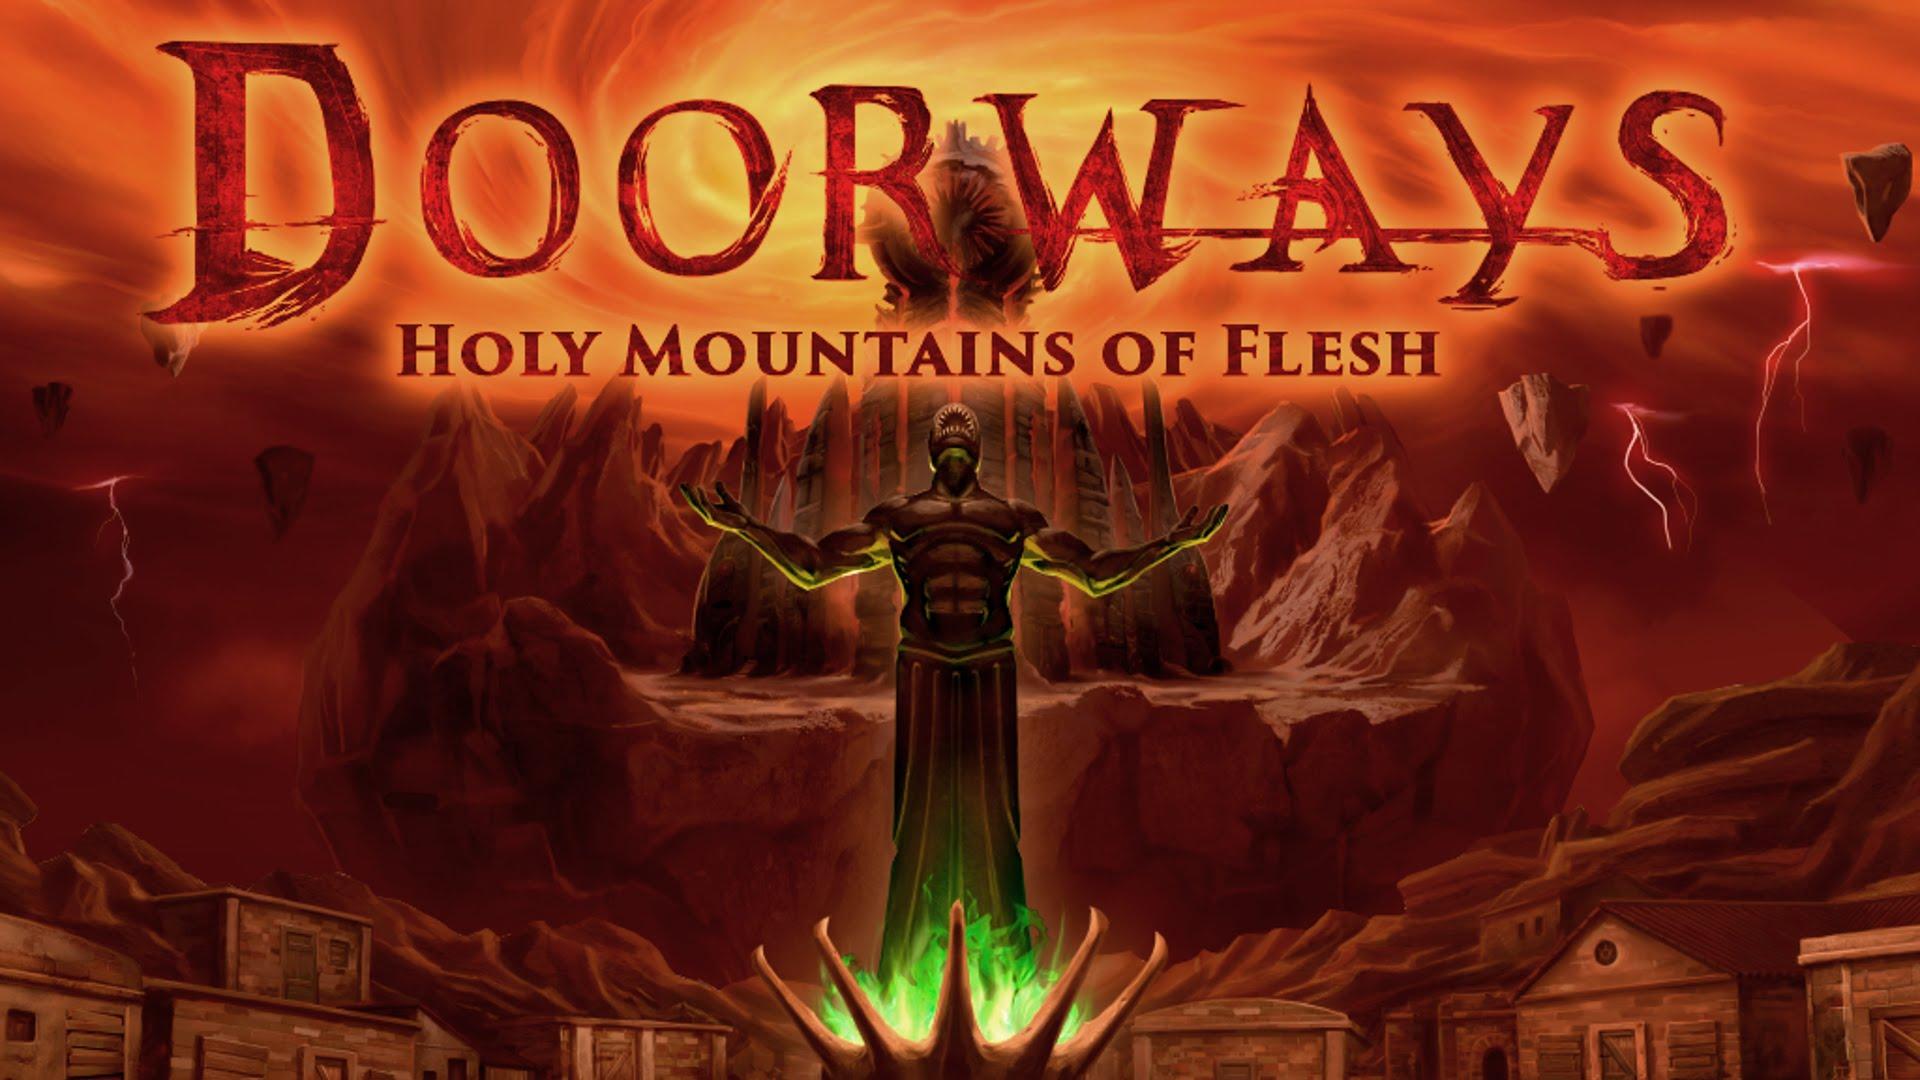 Doorways: Holy Mountains of Flesh\новая эра хорроров - Изображение 1